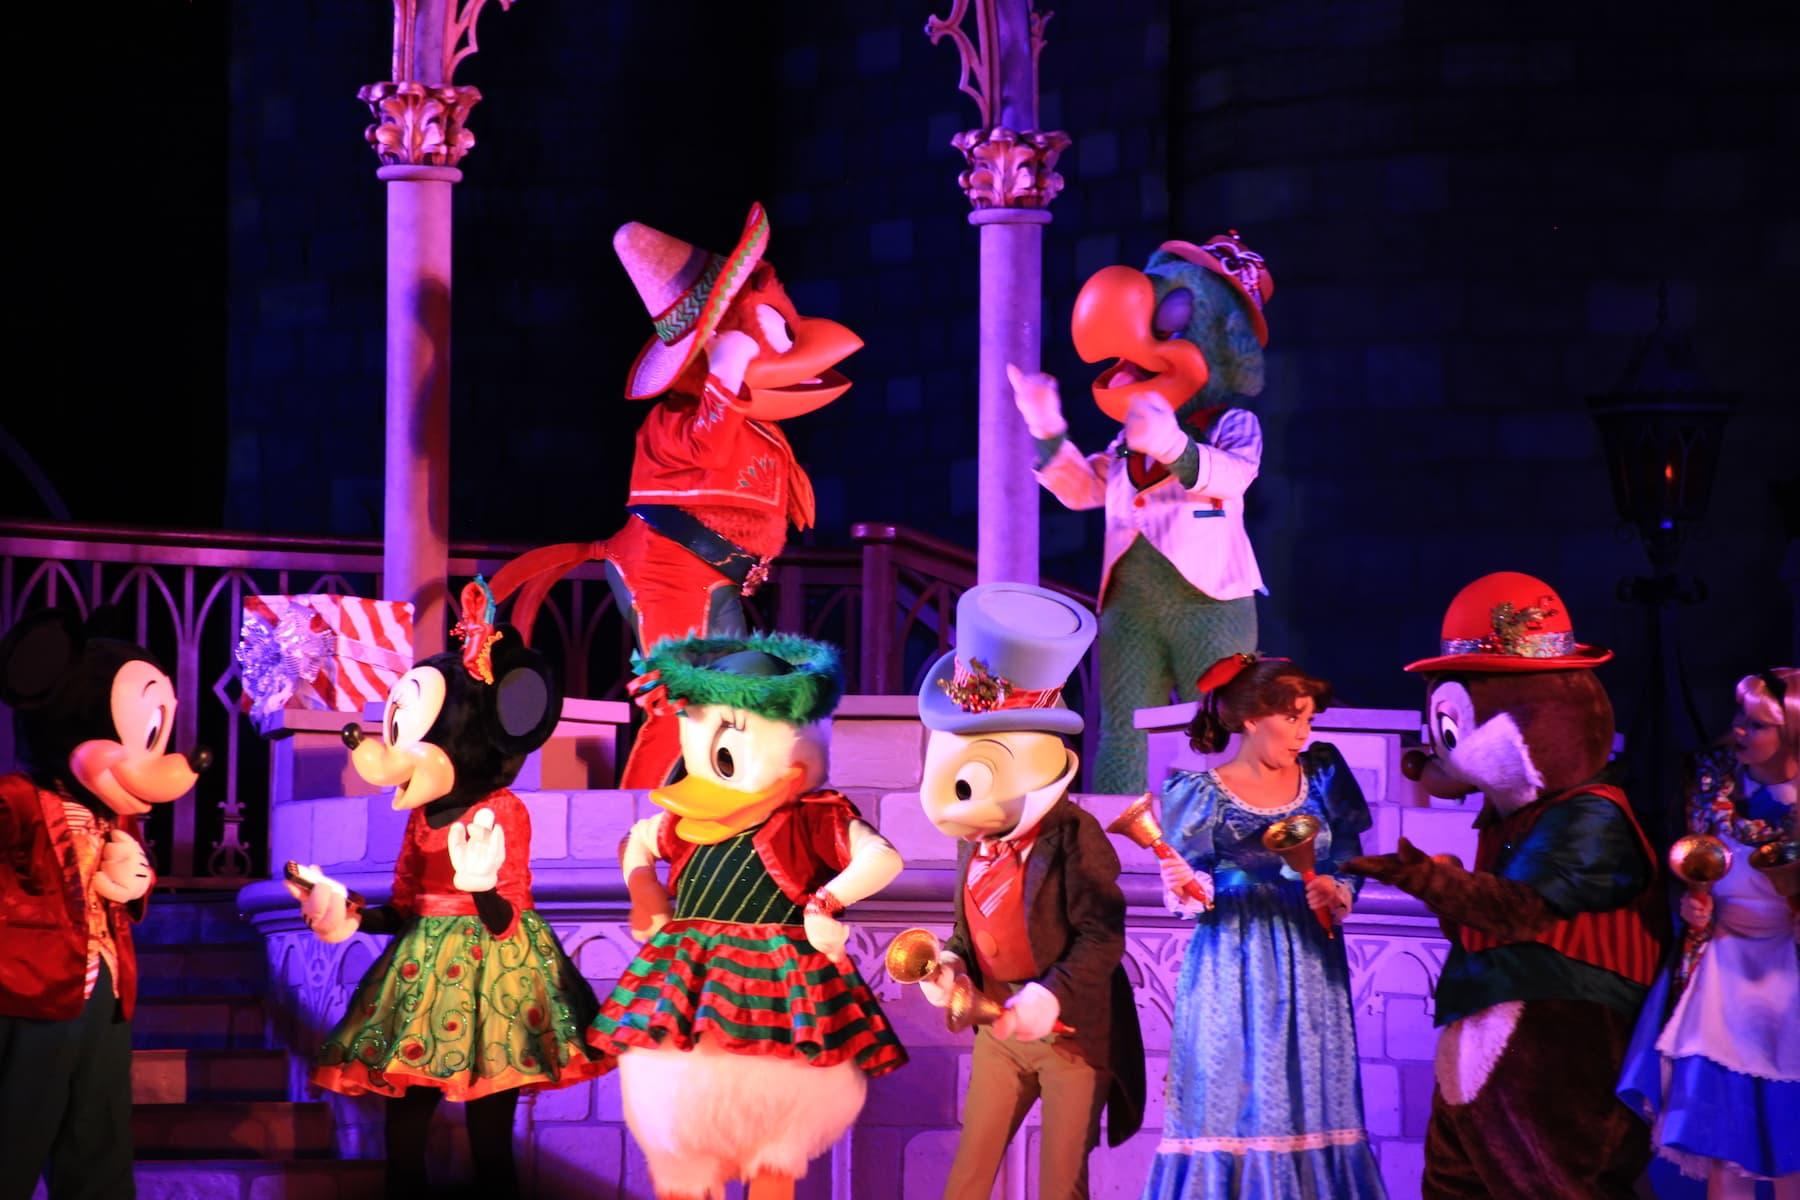 Disney Characters Three Caballeros Jiminy Cricket Mickey's Very Merry Christmas Party Magic Kingdom